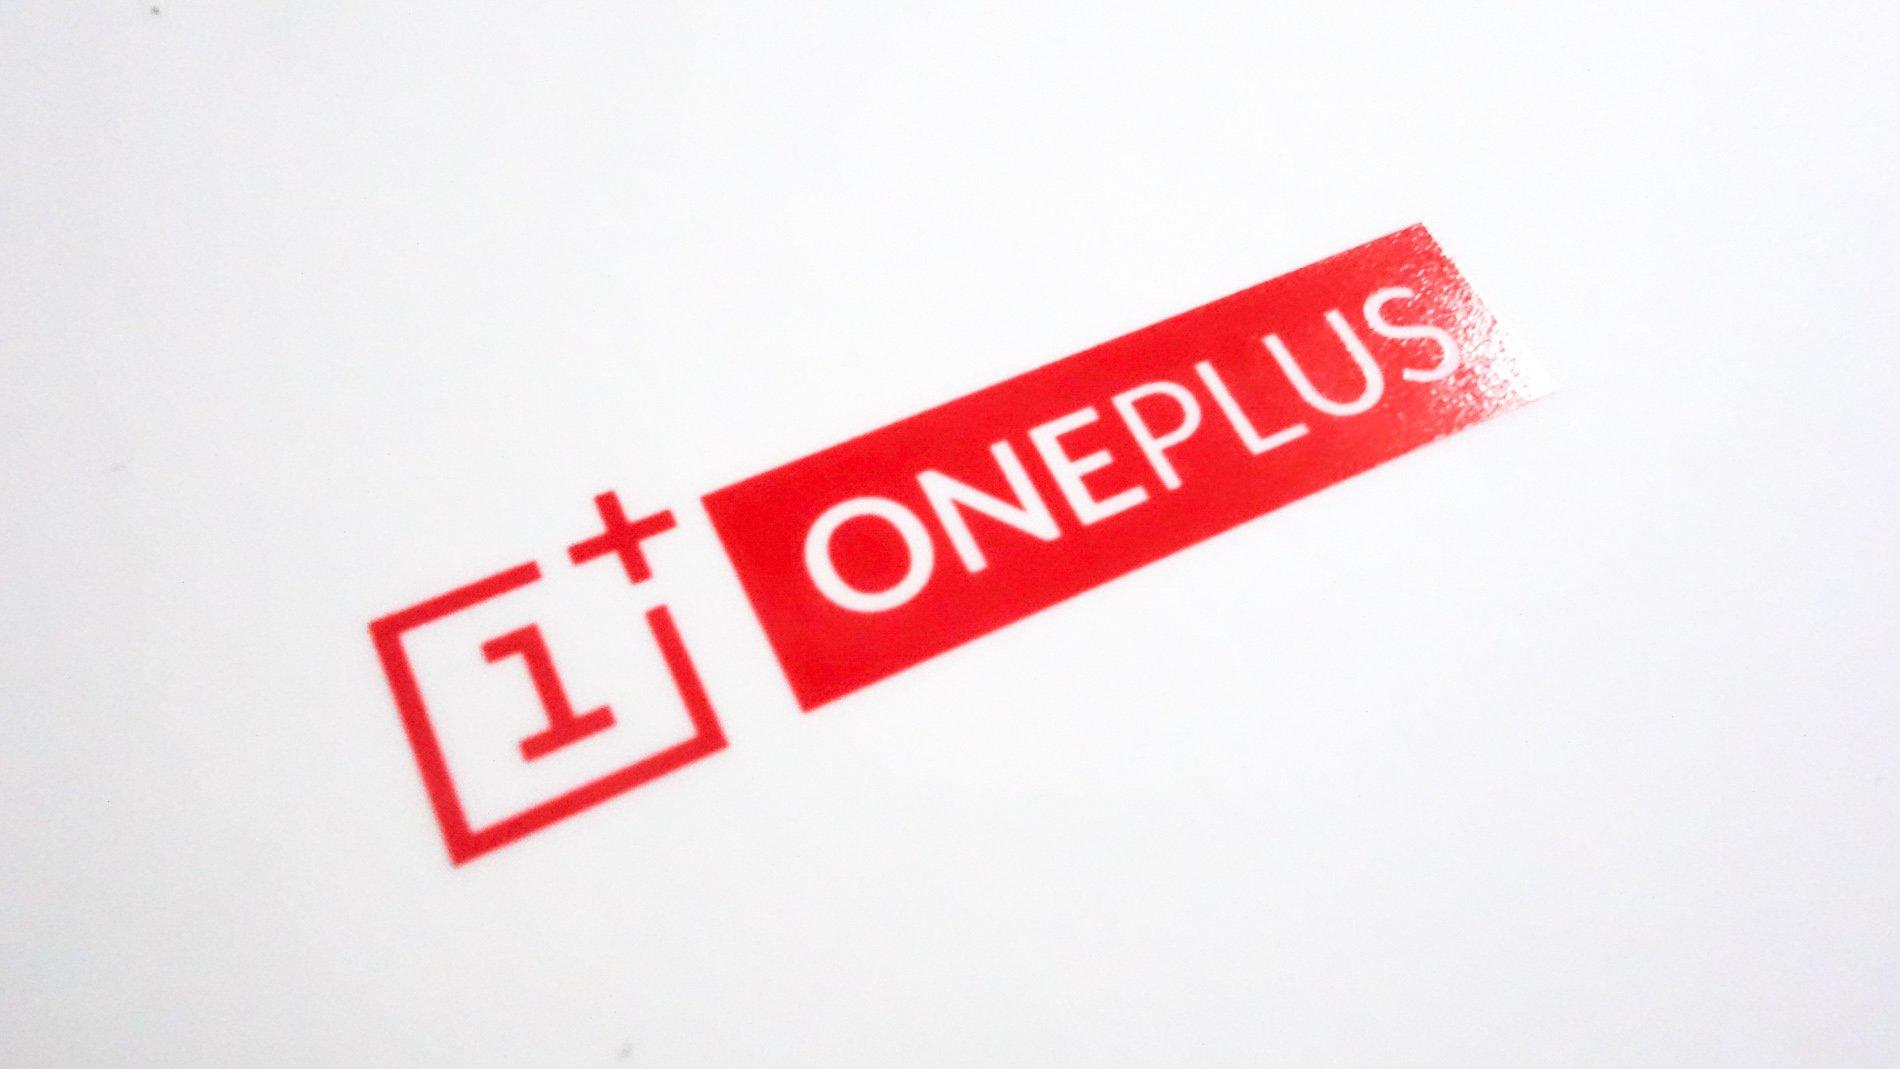 Wyciek danych z OnePlusa. Przez Shot on OnePlus można było pozyskać informacje o użytkownikach 28